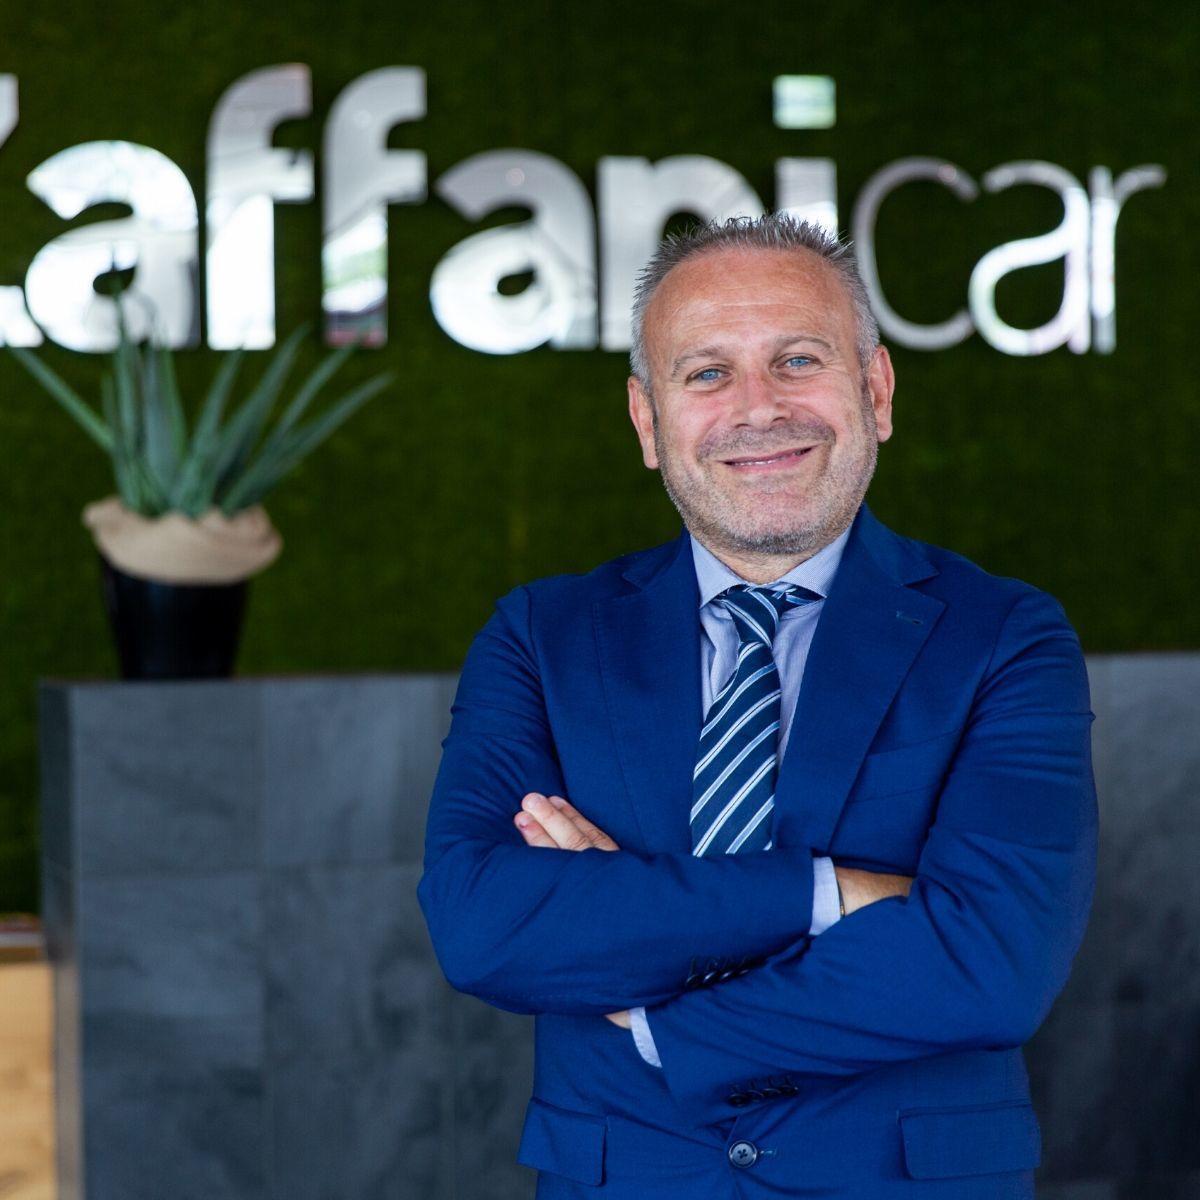 Cristian Zaffani